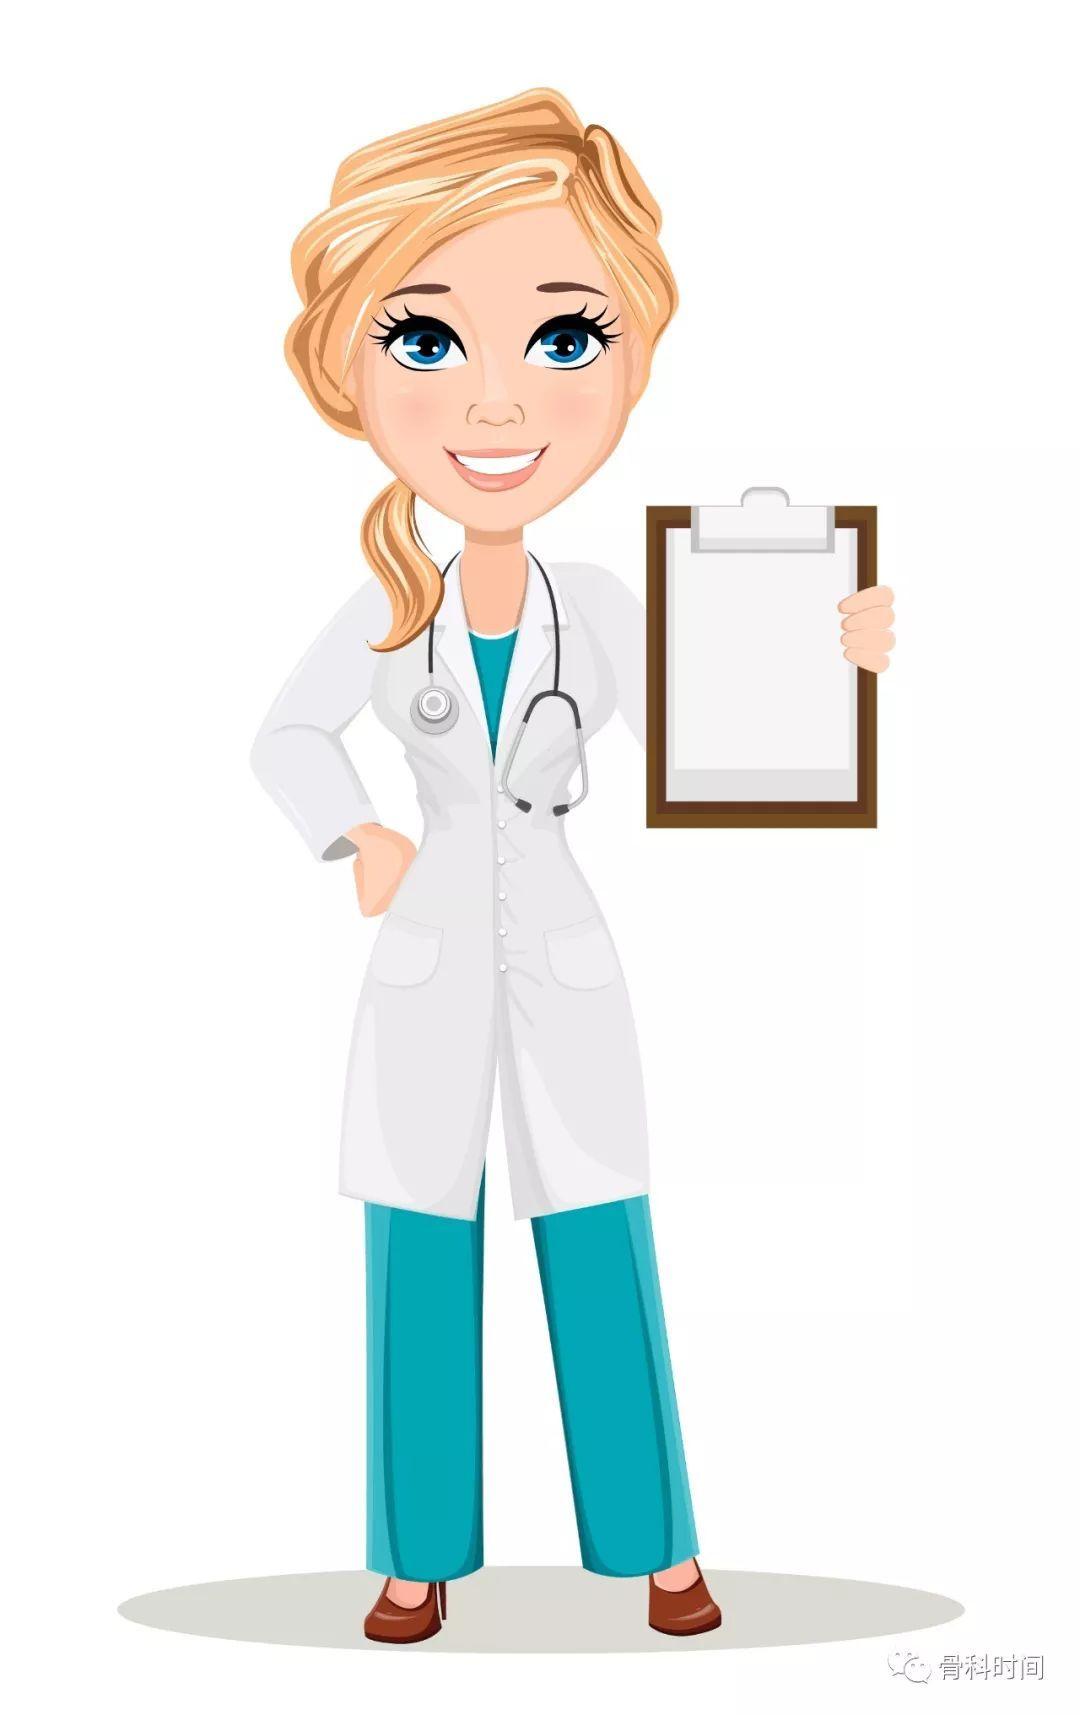 骨科女医生是个什么样的存在?